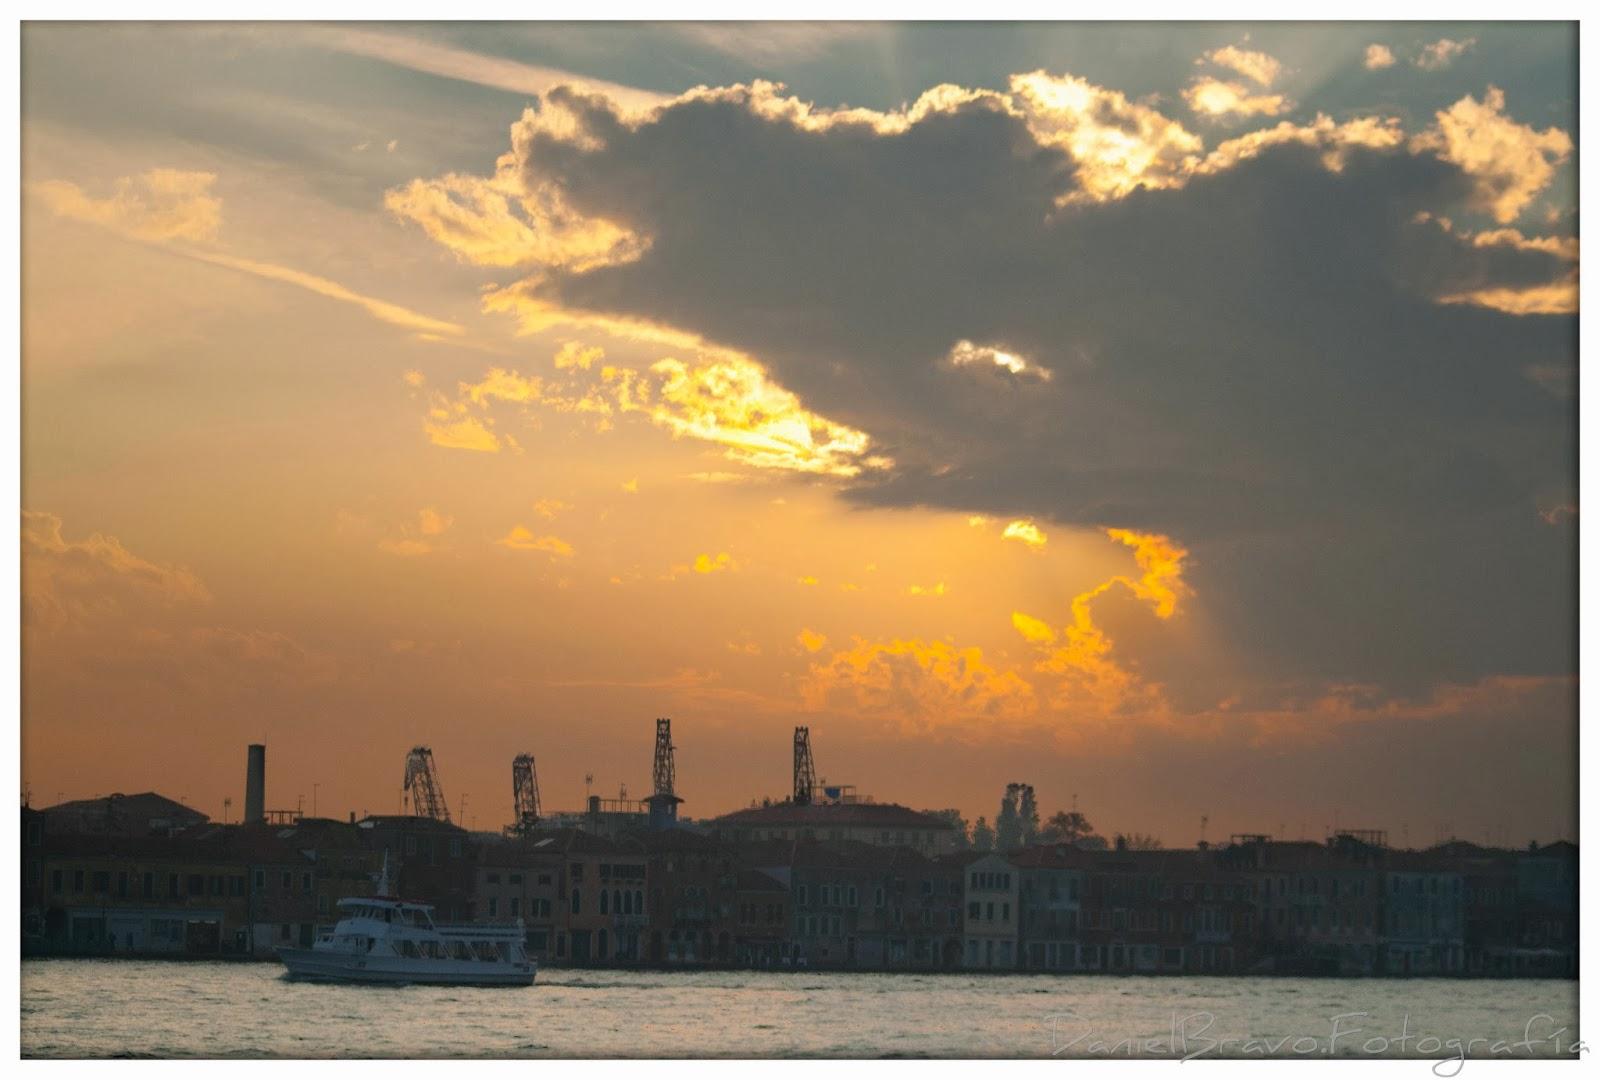 Vista de un atardecer en Venecia.